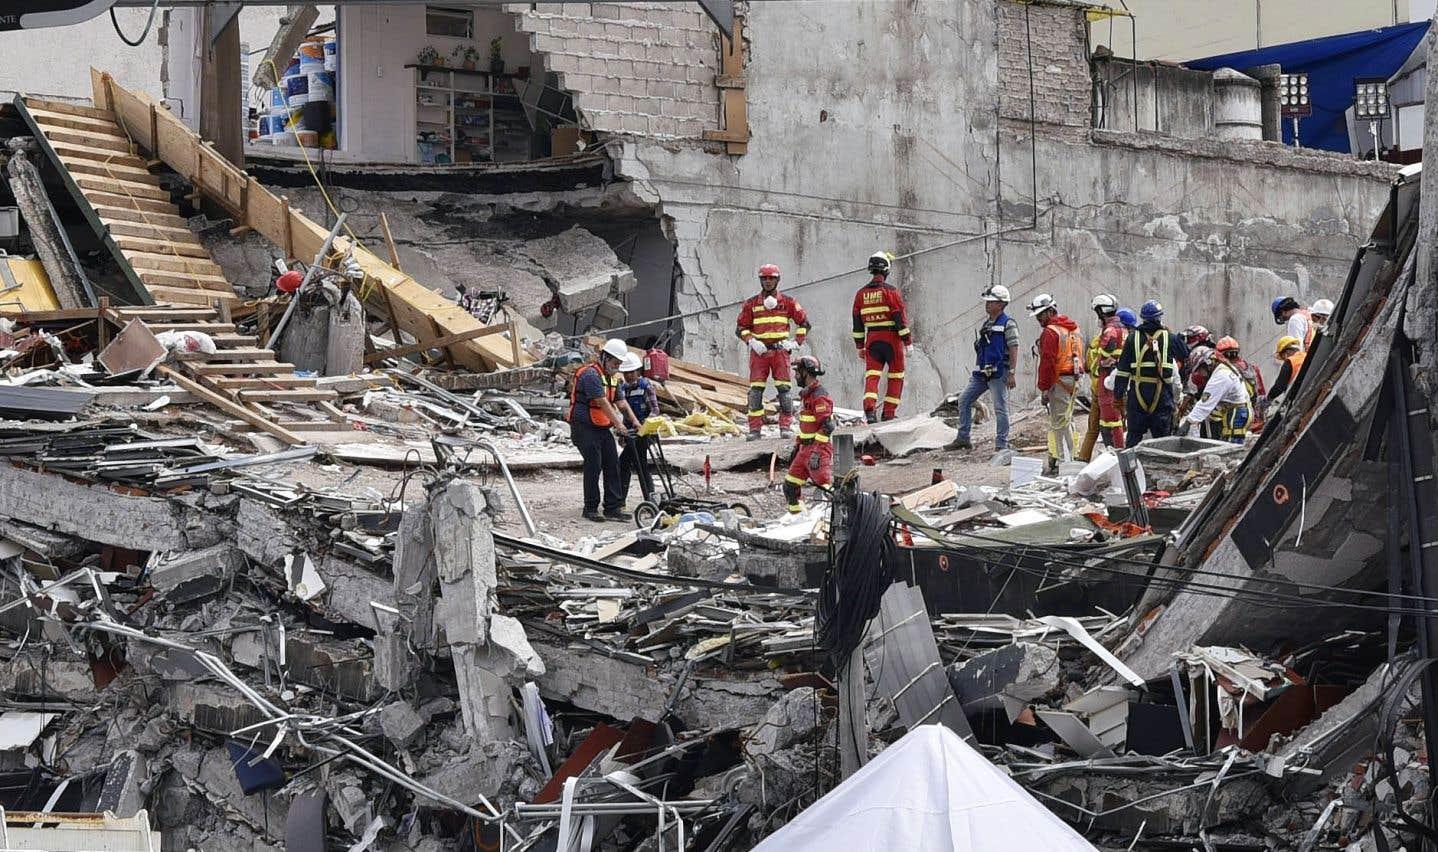 Les transferts d'argent sont «vitaux» pour les pays en voie de développement, particulièrement après une catastrophe telle que le séisme qui a frappé le Mexique, estime Dilip Ratha, qui a dirigé l'étude.